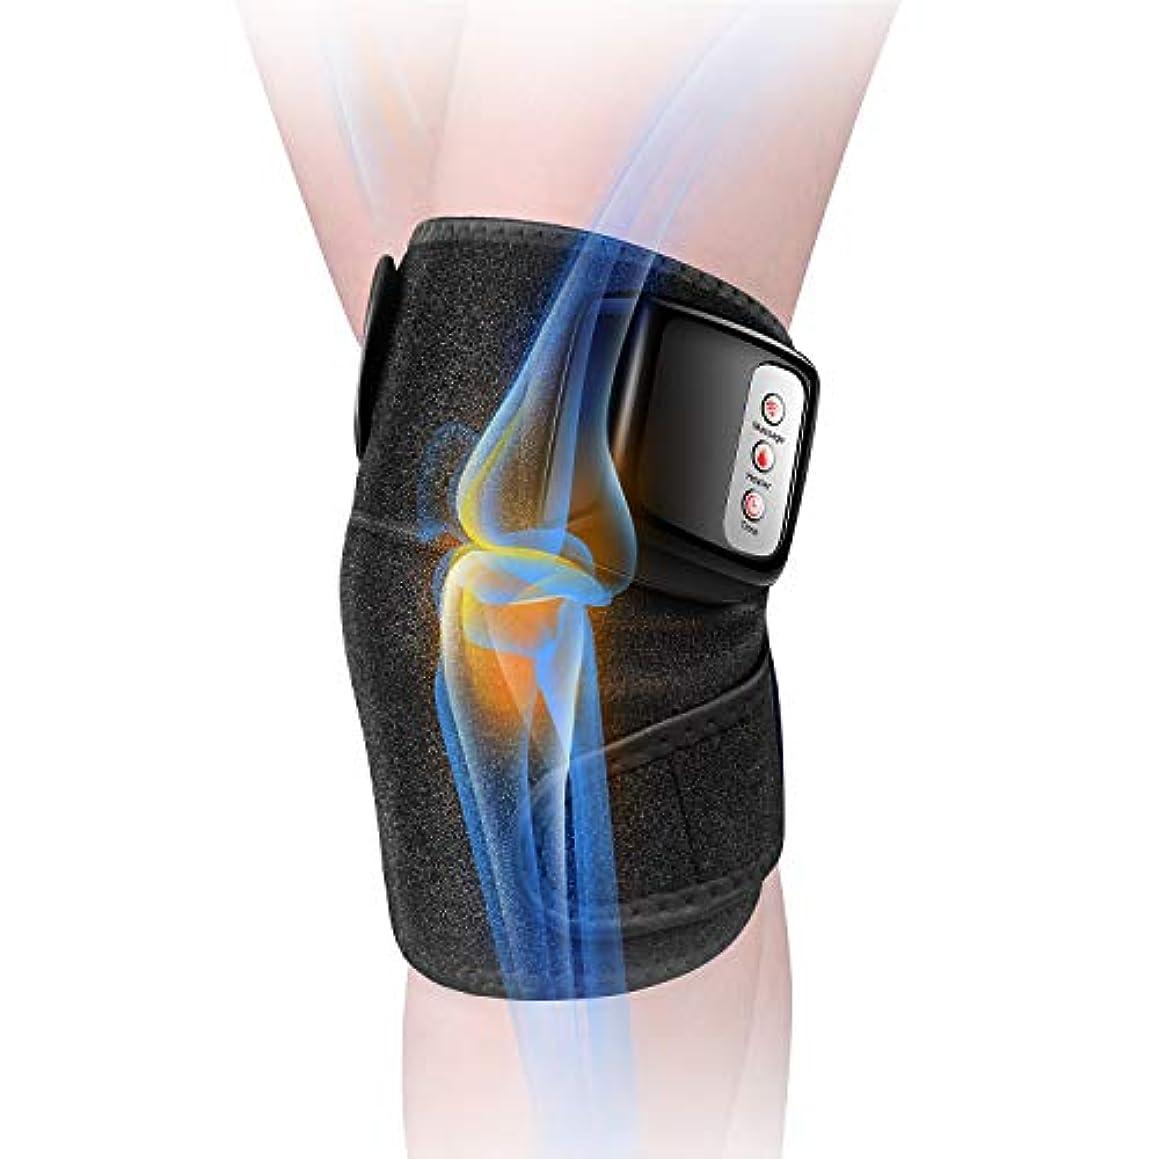 一晩一晩液体膝マッサージャー 関節マッサージャー マッサージ器 フットマッサージャー 振動 赤外線療法 温熱療法 膝サポーター ストレス解消 肩 太もも/腕対応